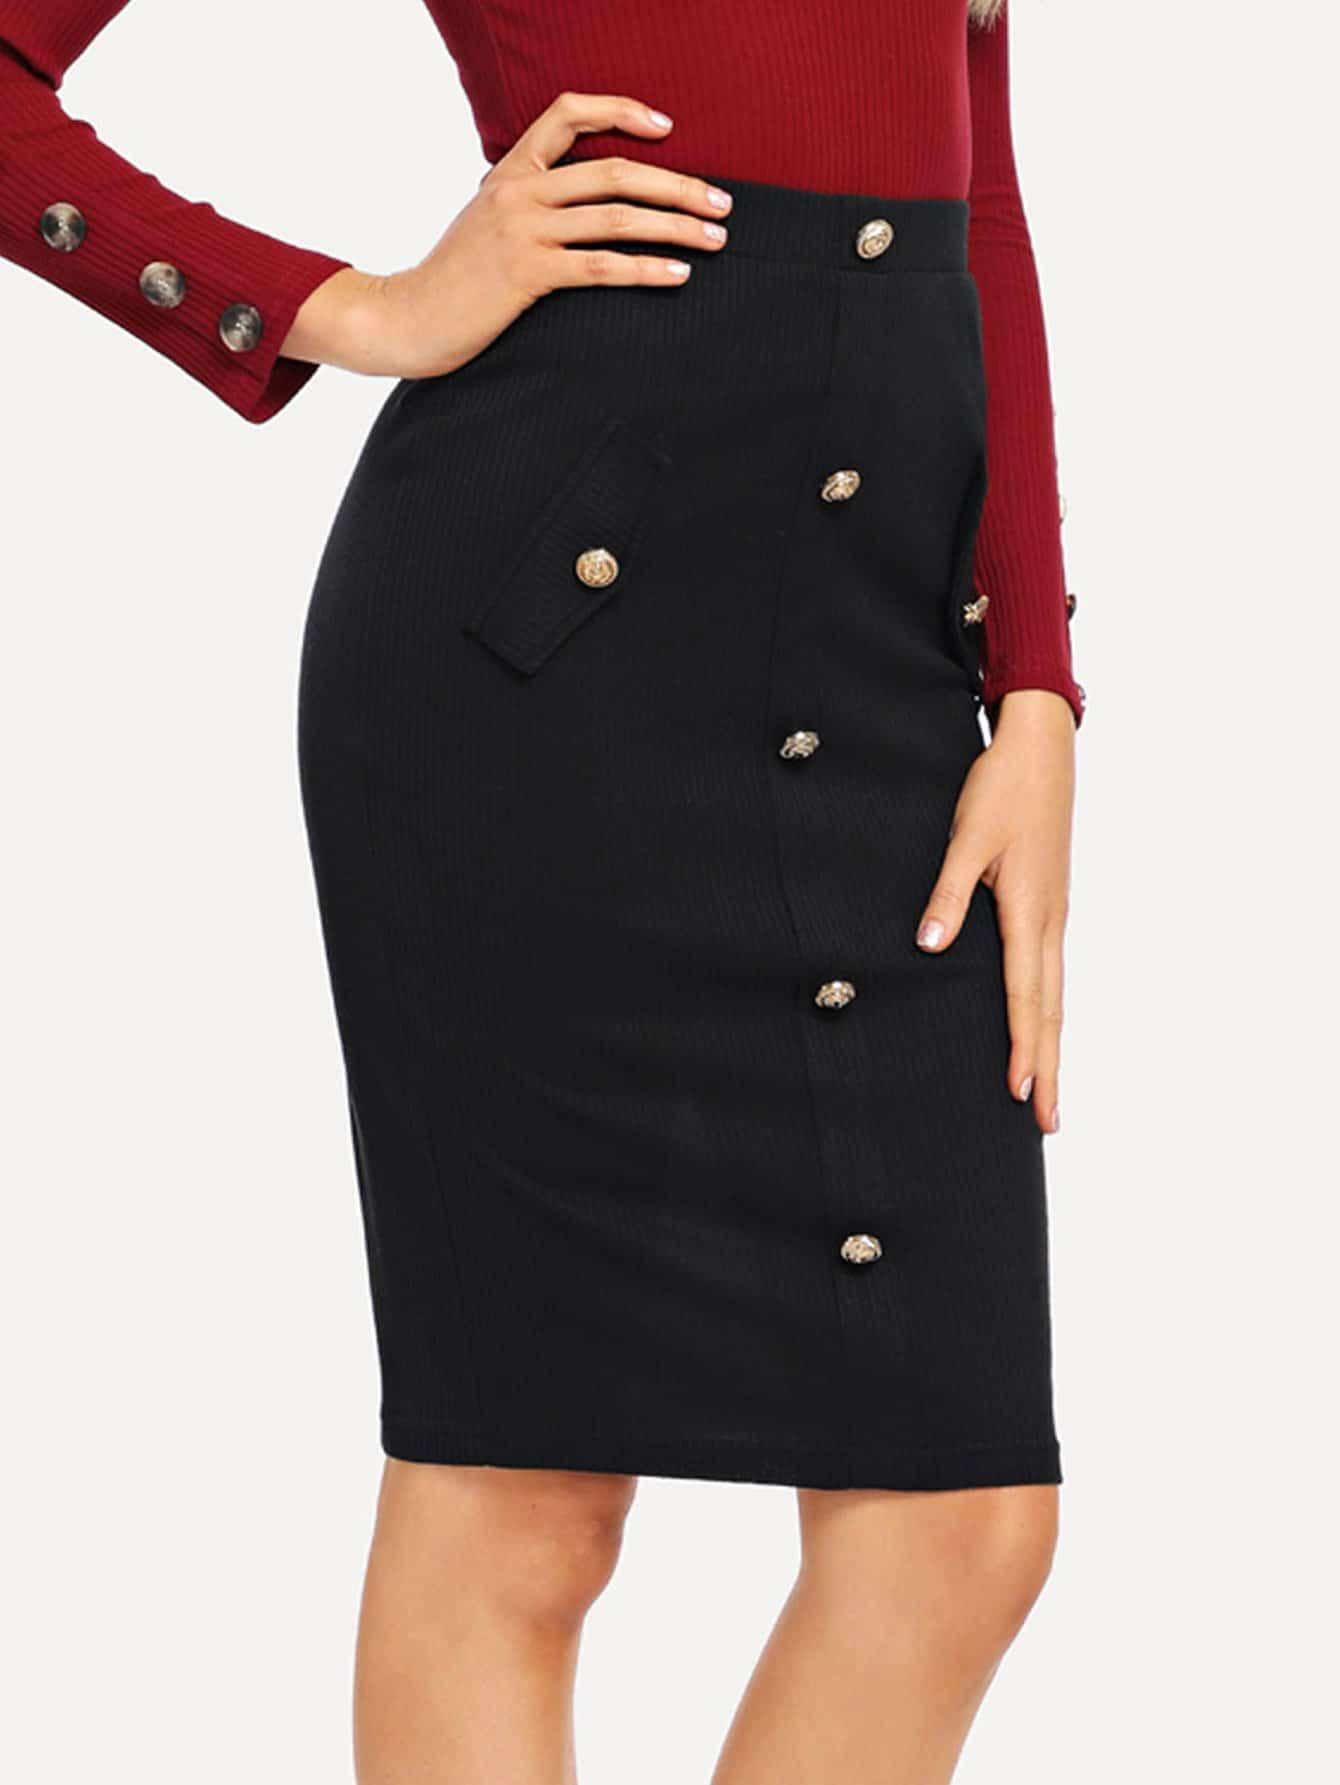 Купить Вязаная юбка с рельефными узорами и украшением пуговицы, Sasa, SheIn